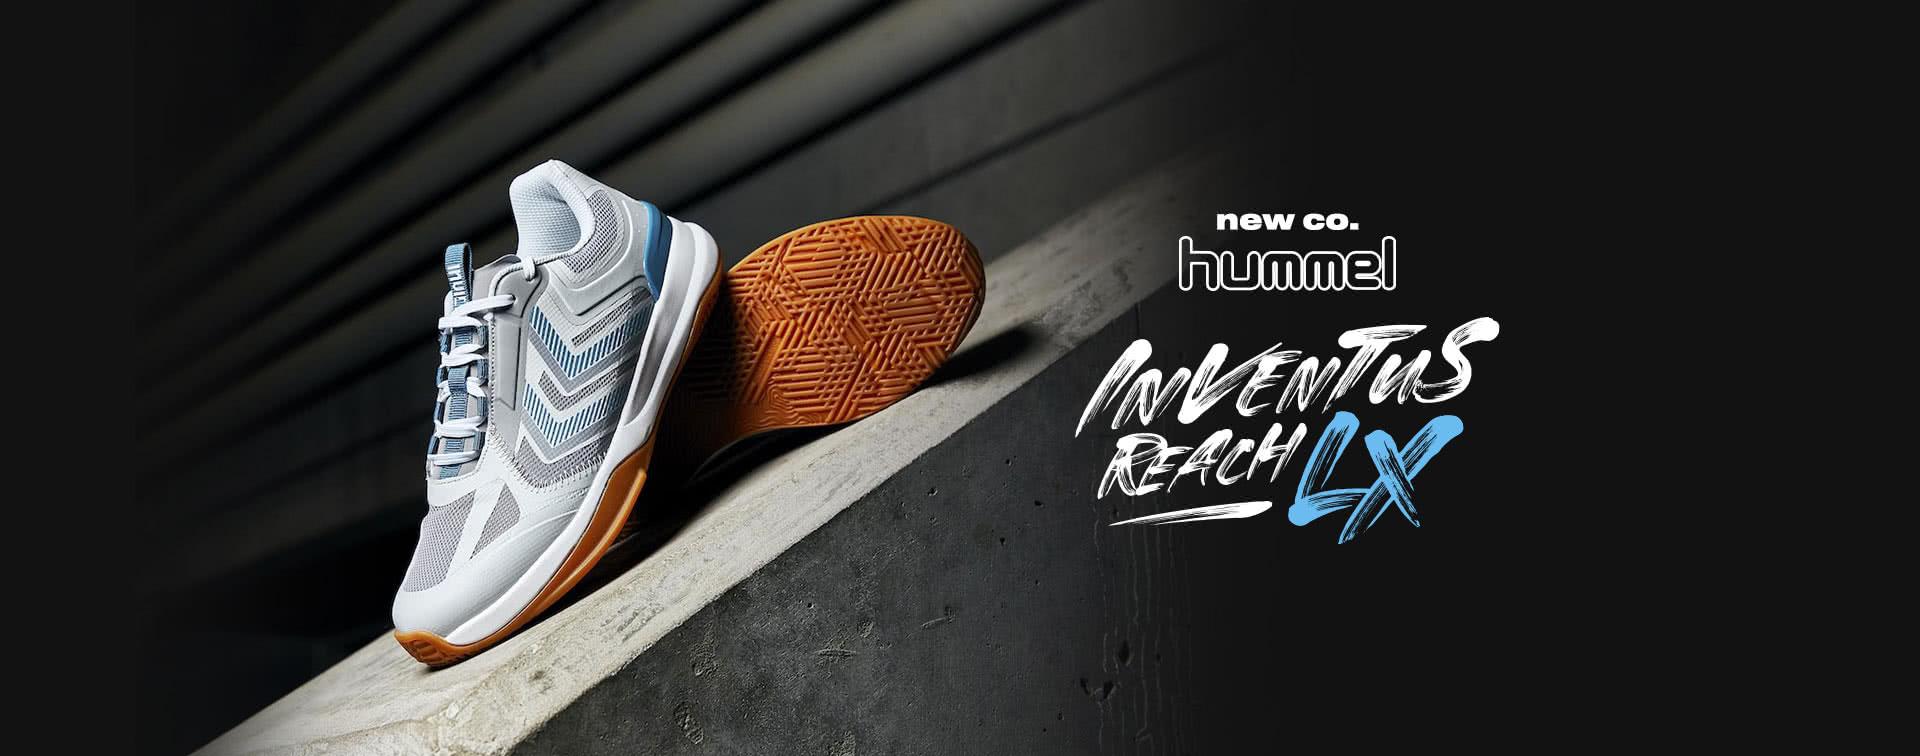 Nouvelle chaussure Hummel